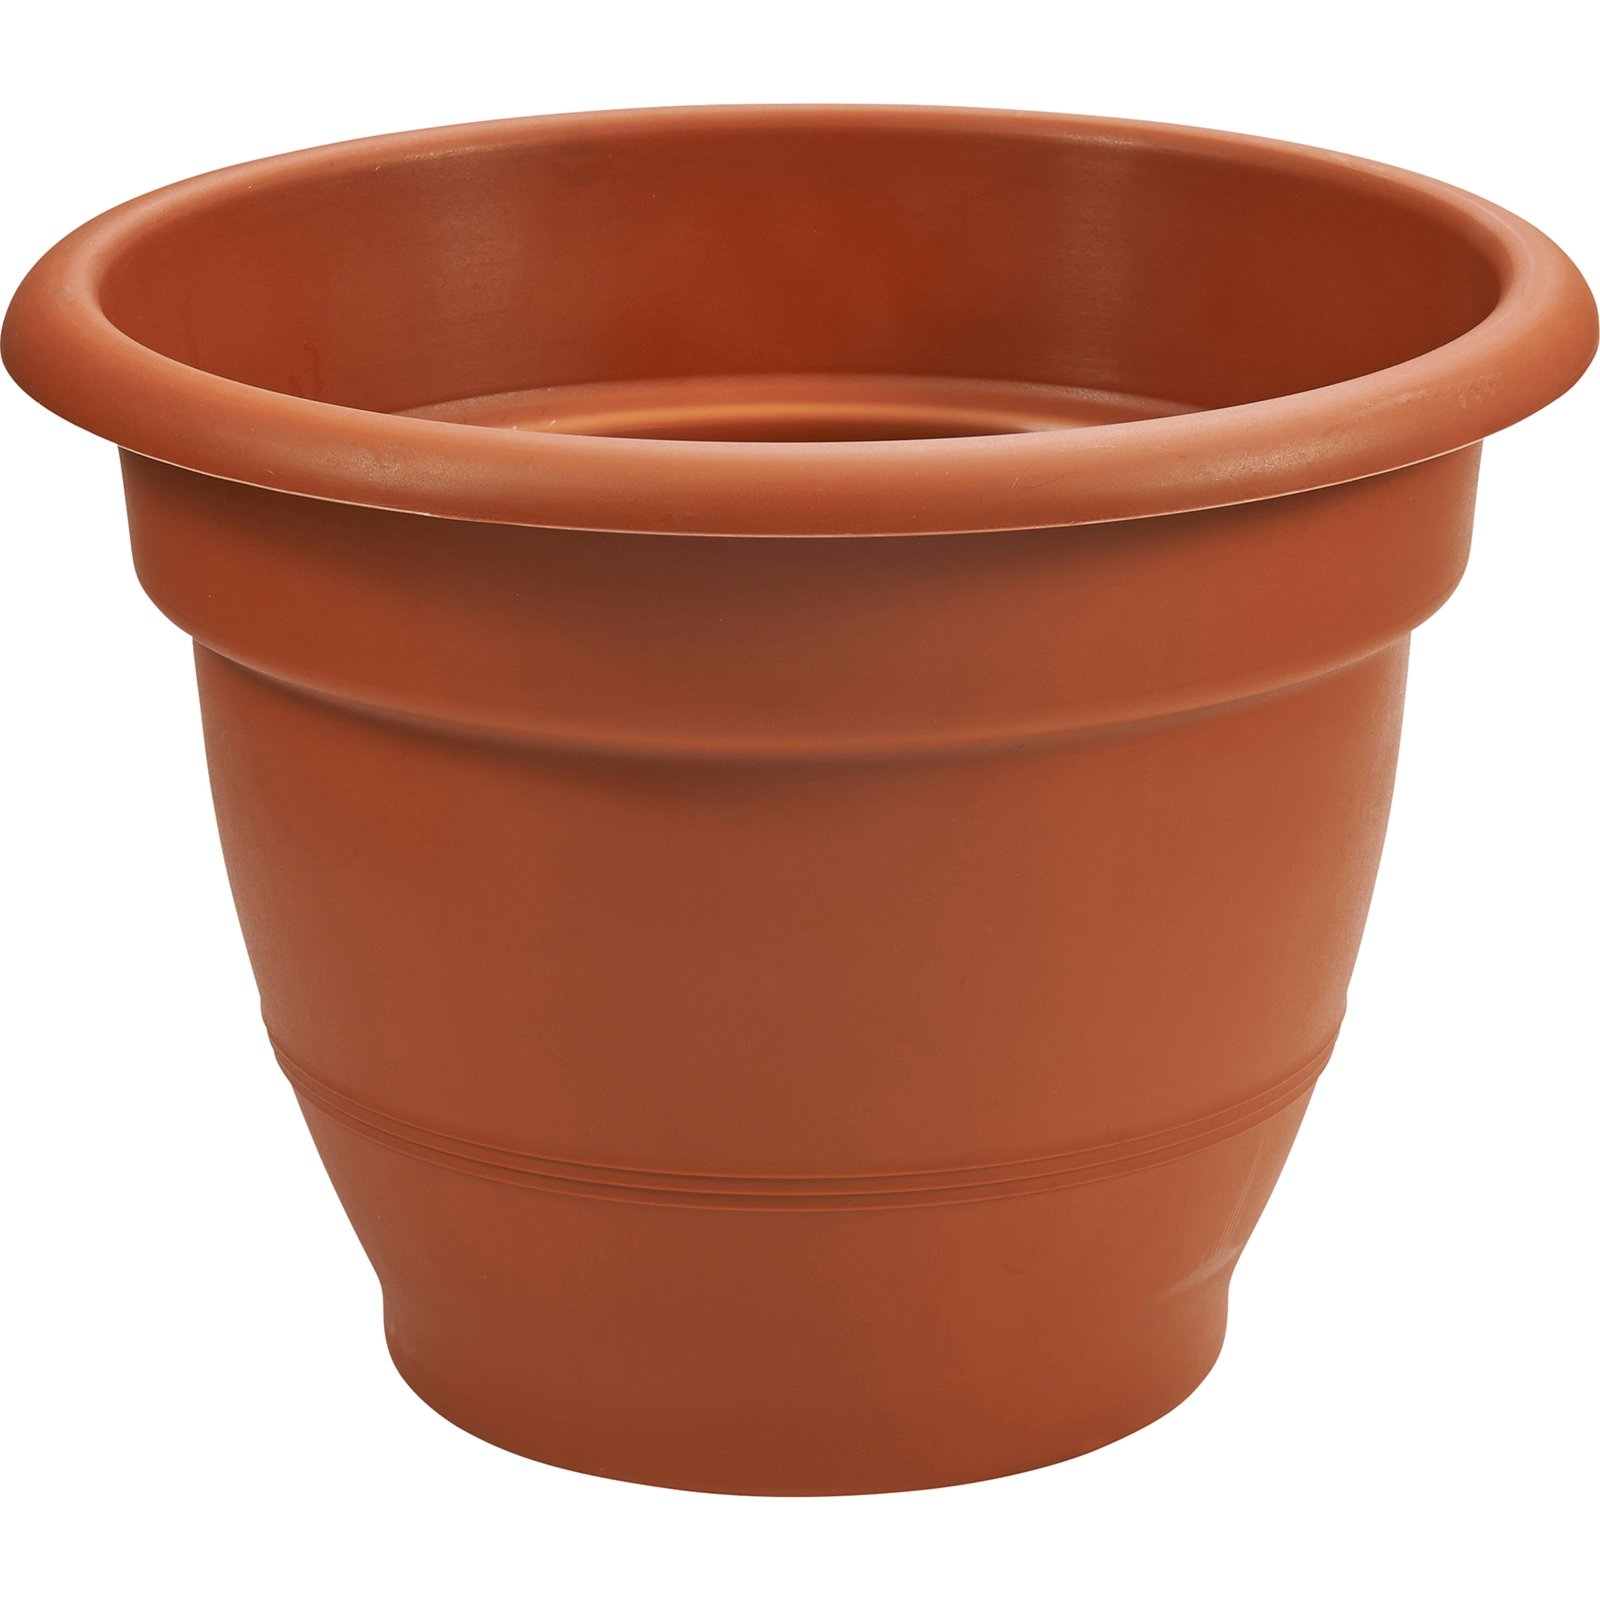 Blumentopf SYDNEY - terracotta - Durchmesser 32 cm